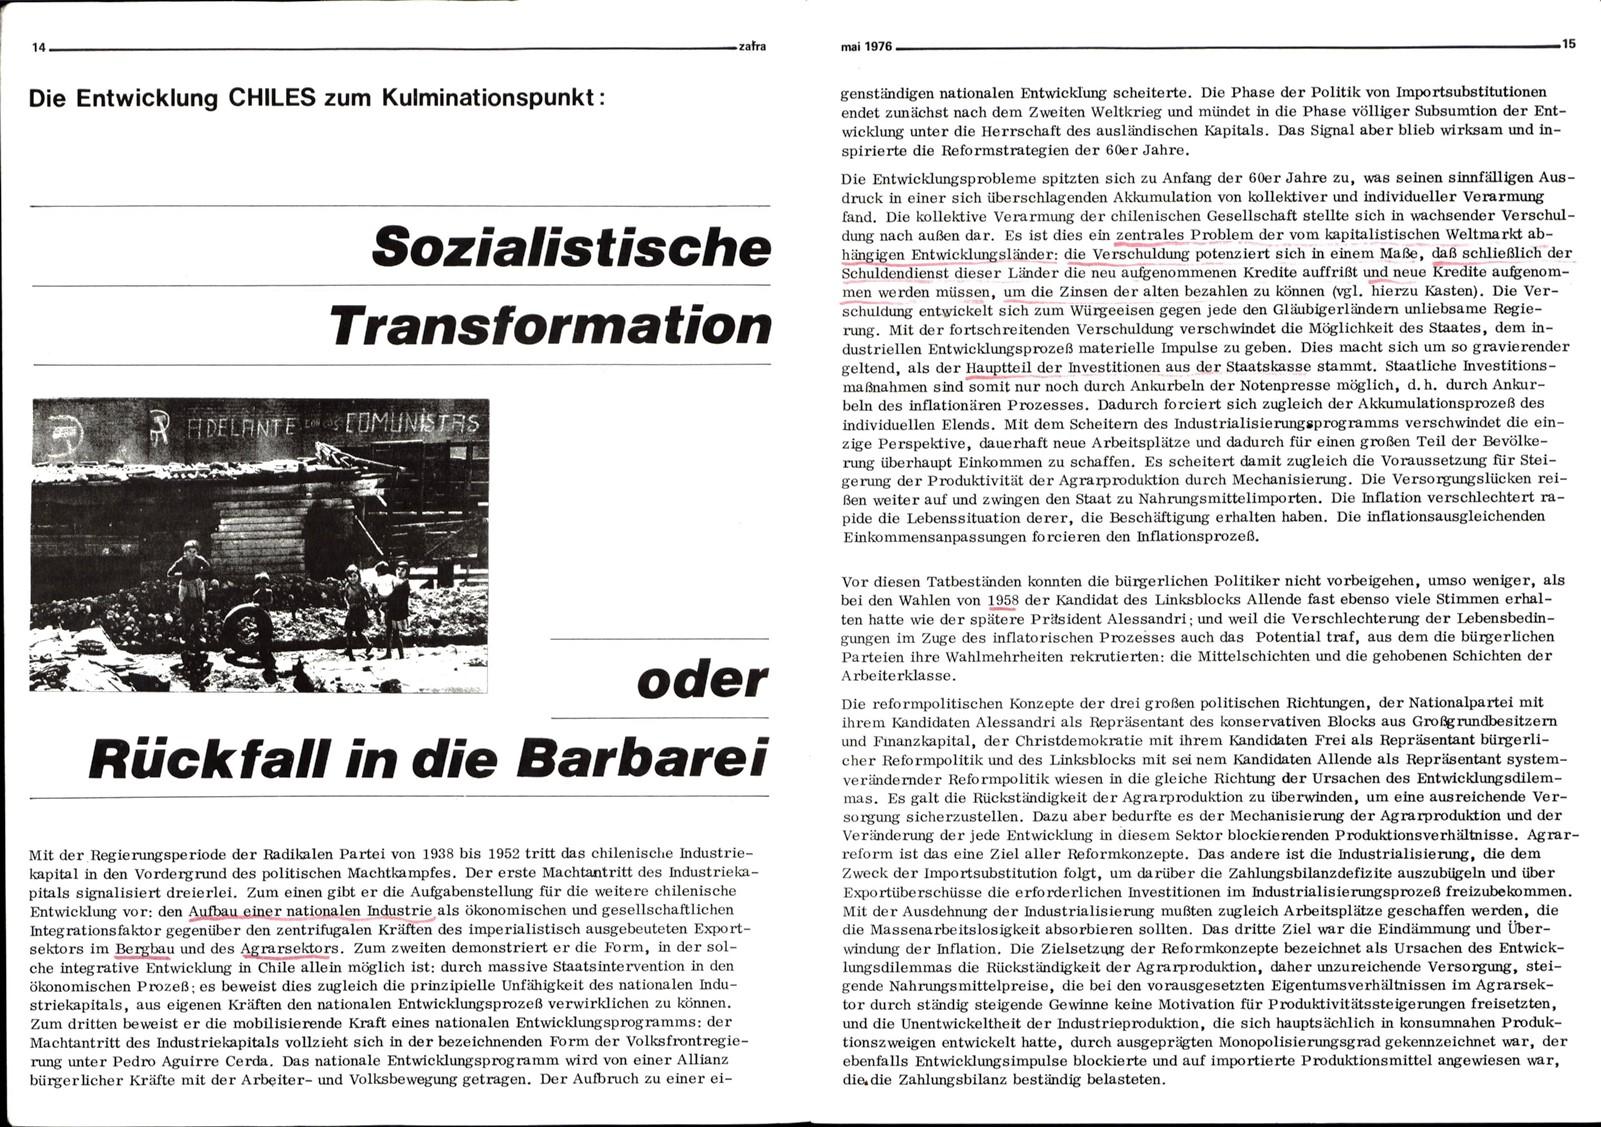 Bonn_ZAFRA_01_19760500_08